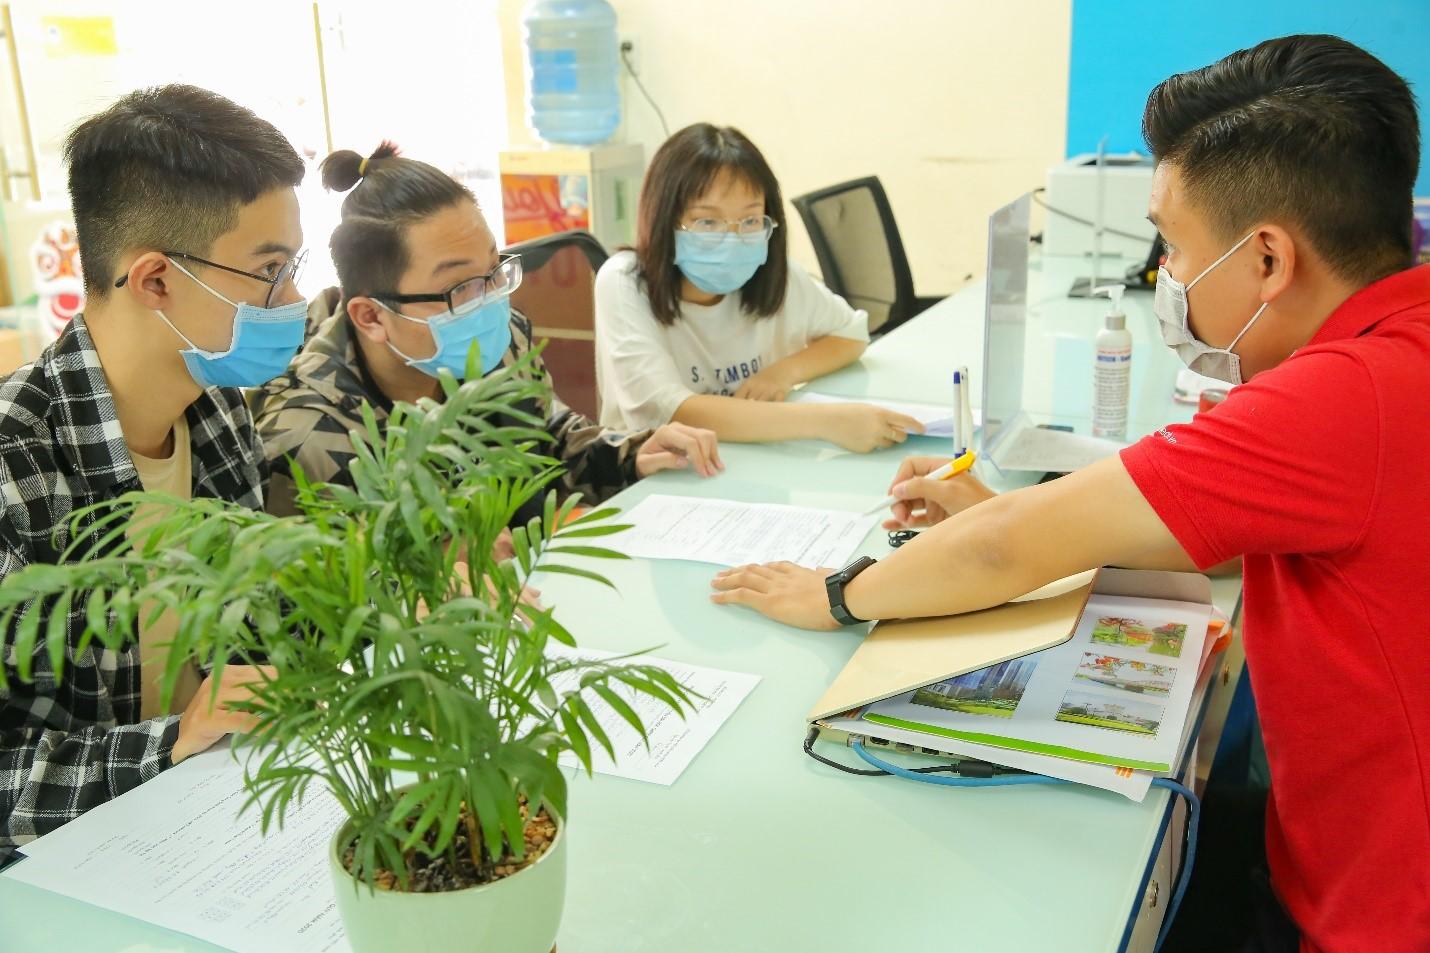 Thí sinh tìm hiểu thông tin xét tuyển học bạ tại HUTECH trong đợt nhận hồ sơ đầu tiên